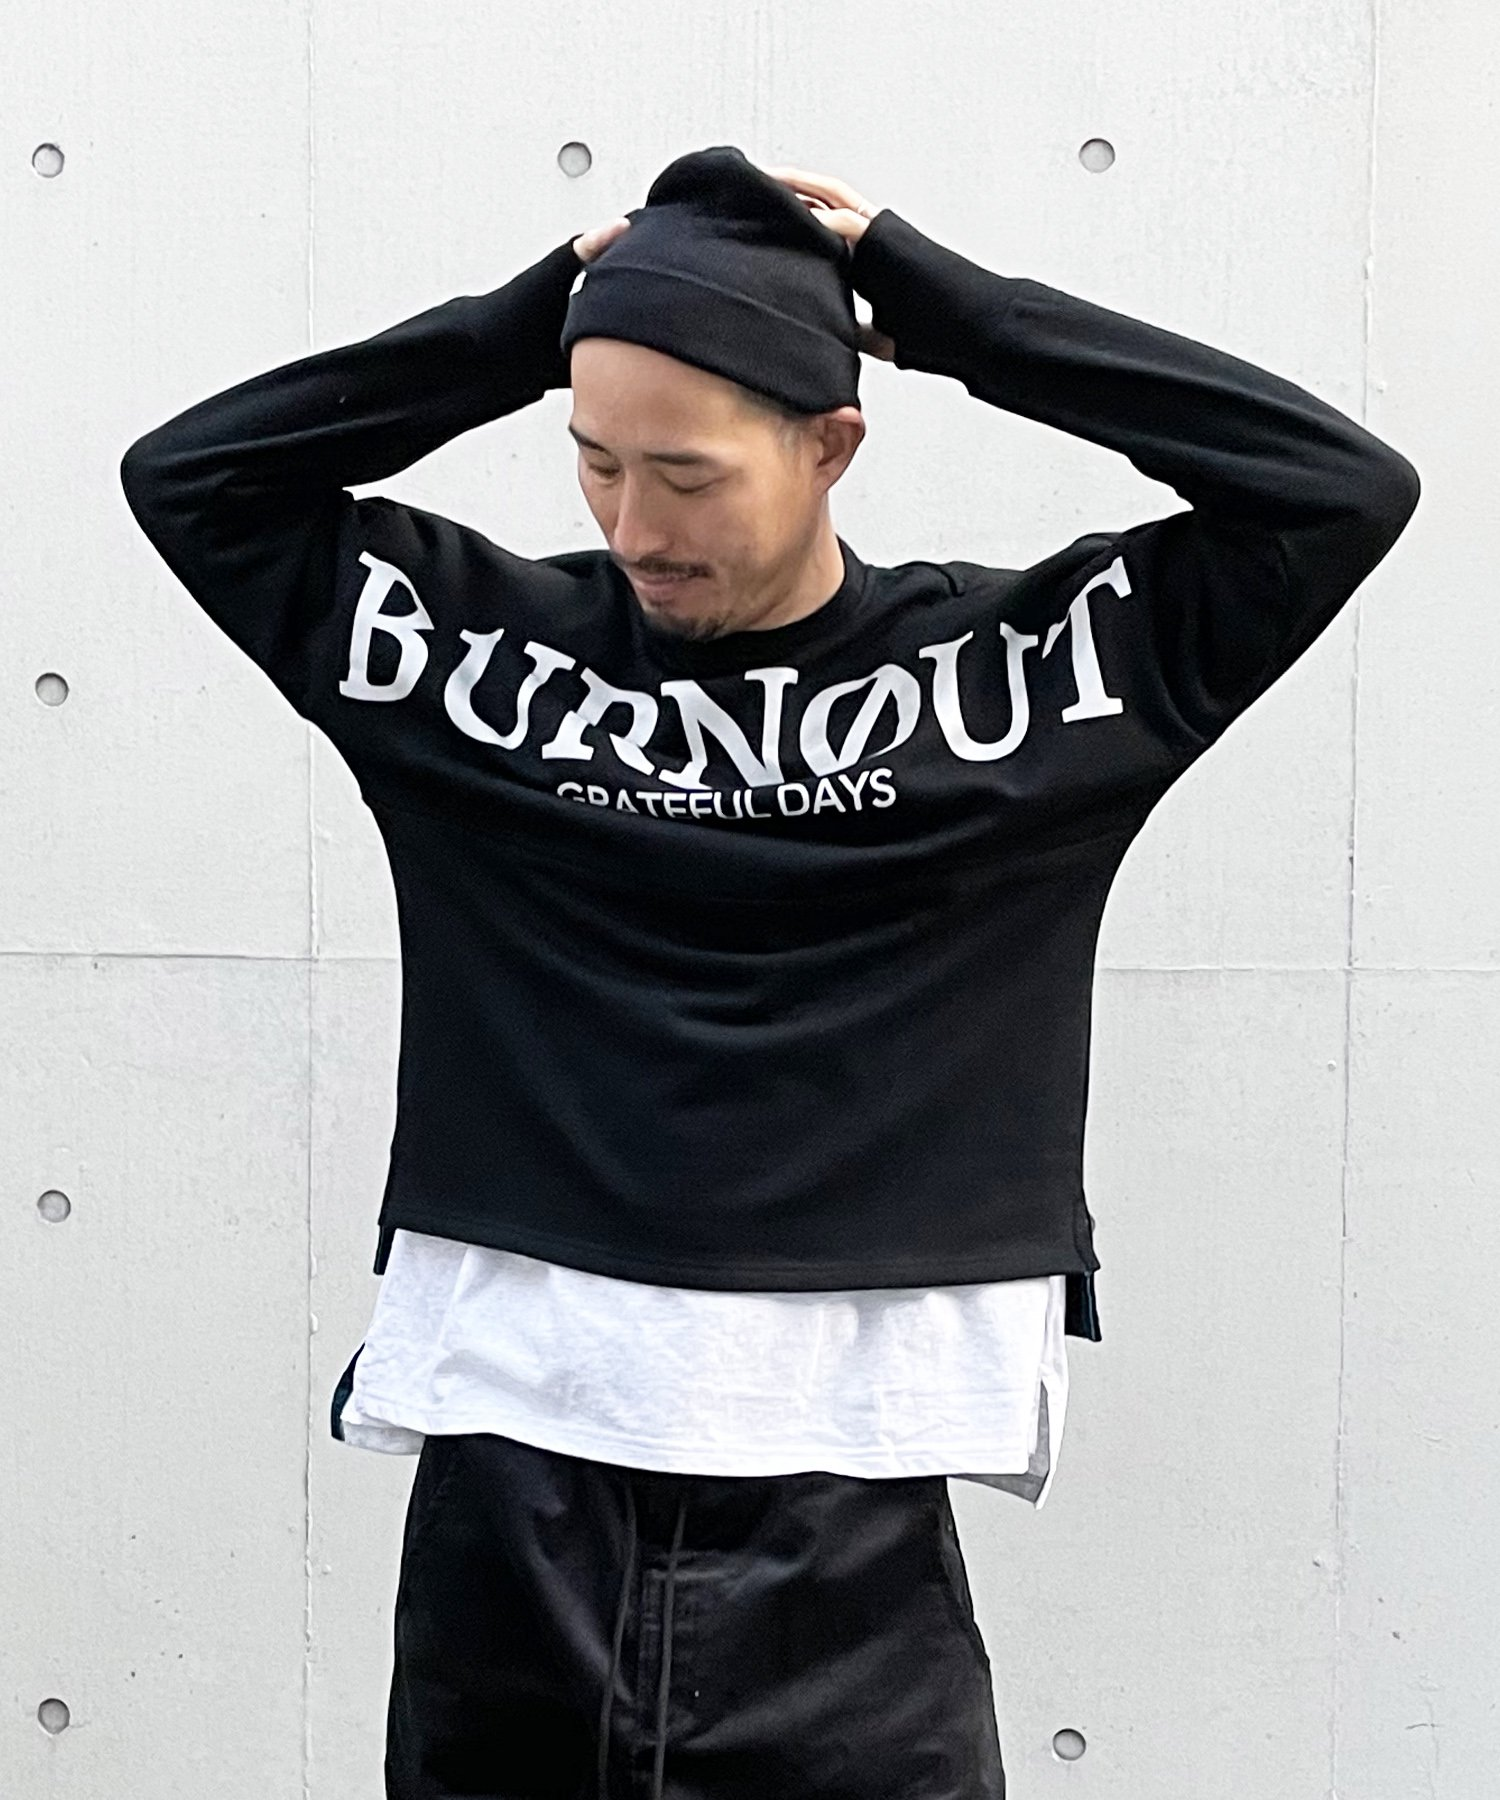 Burnout〔バーンアウト〕 『20/21 Early Spring Collection』 ビックシルエットフットボールジャージ(Black)